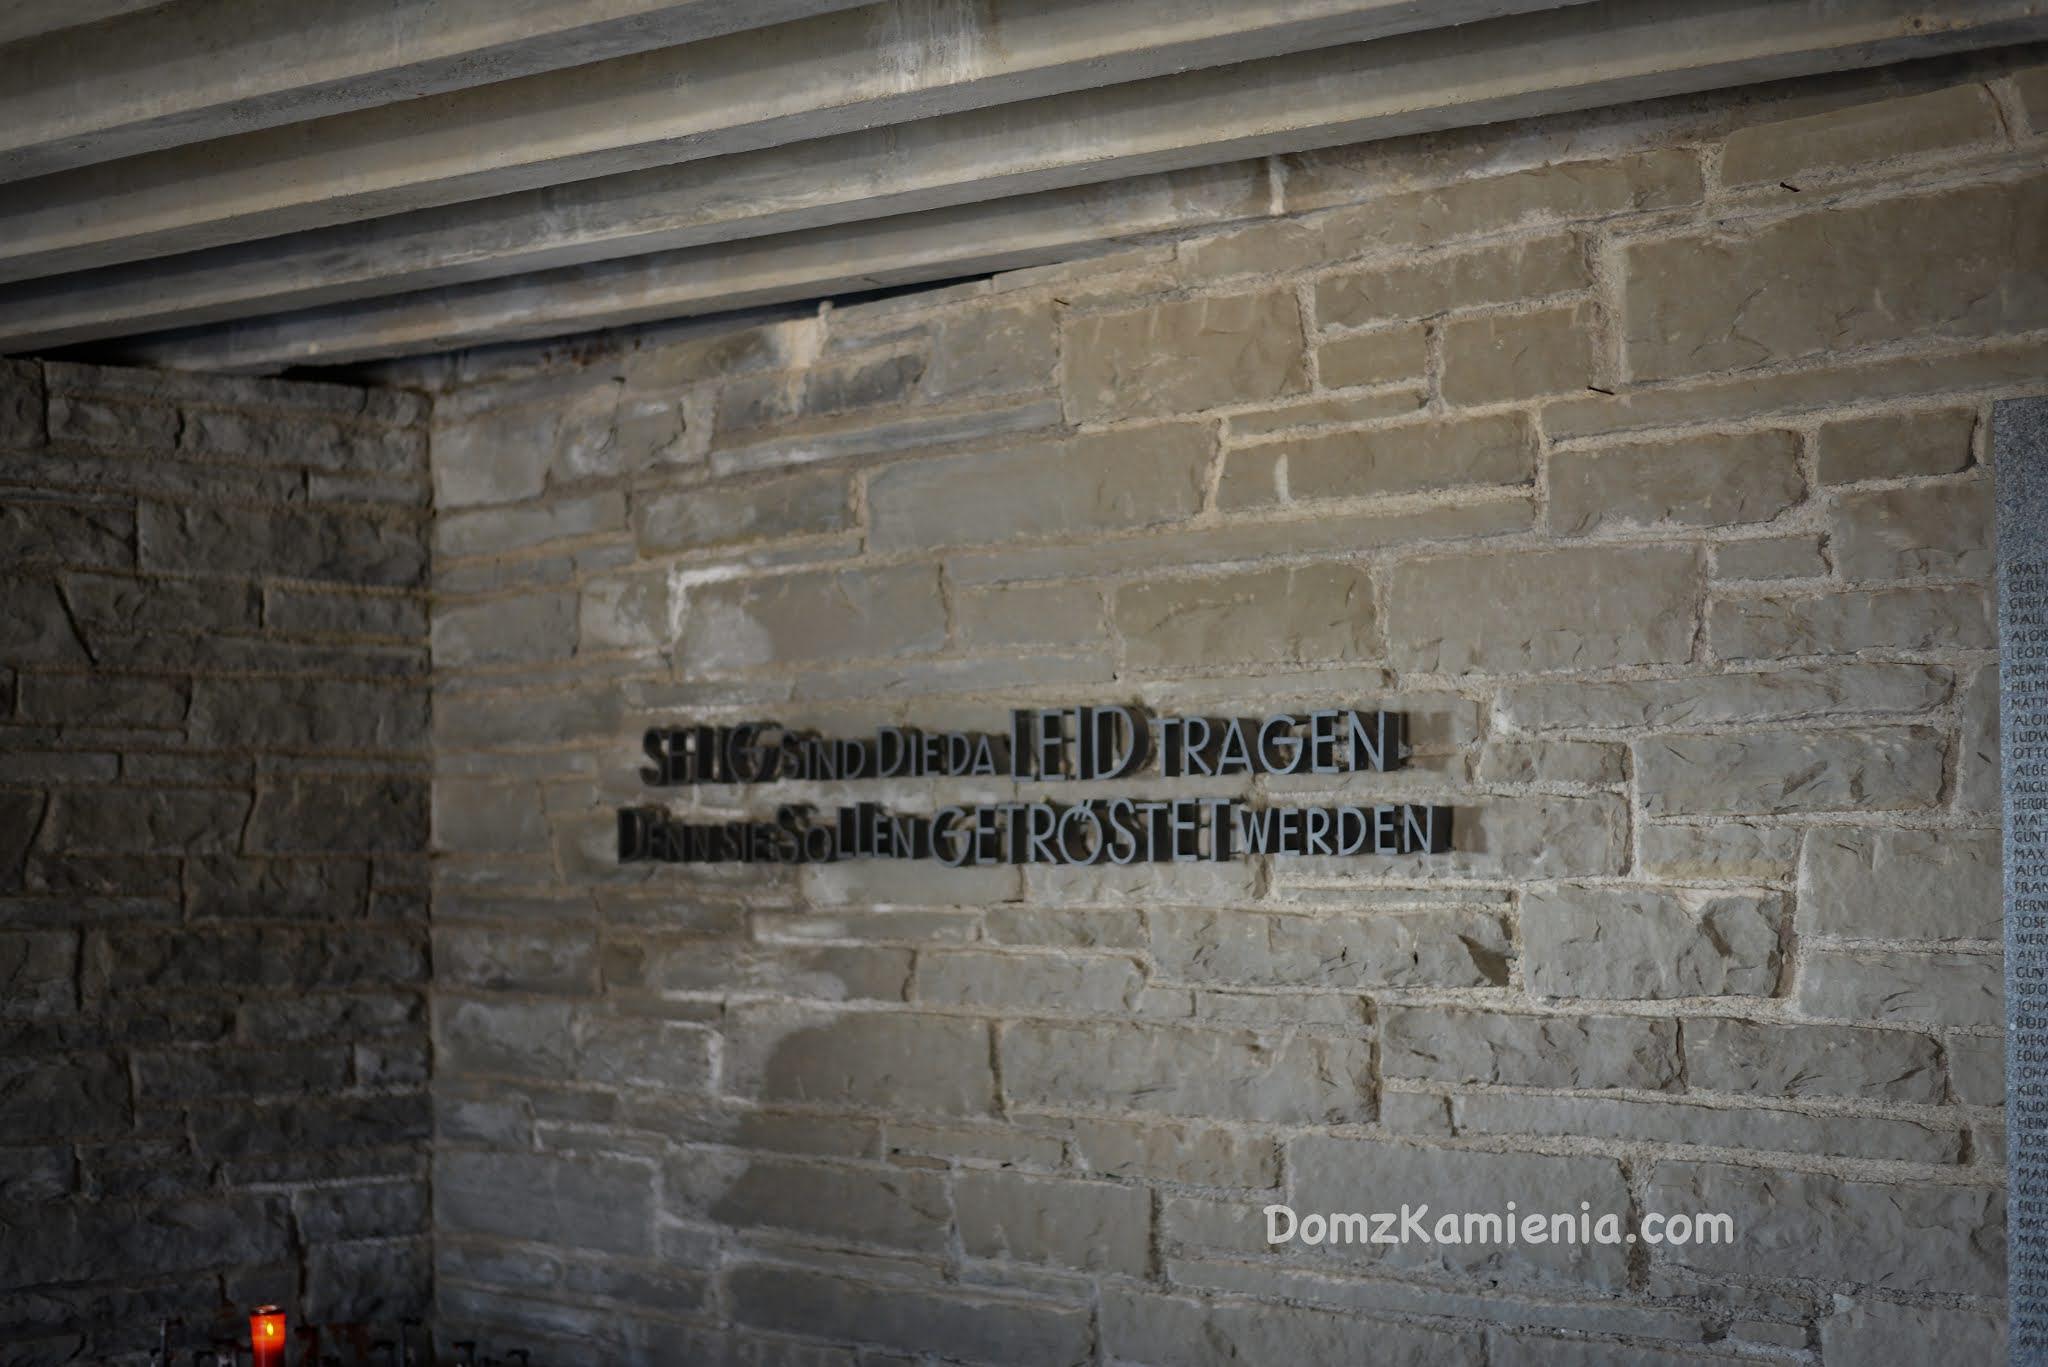 Niemiecki cmentarz wojskowy - Passo della Futa